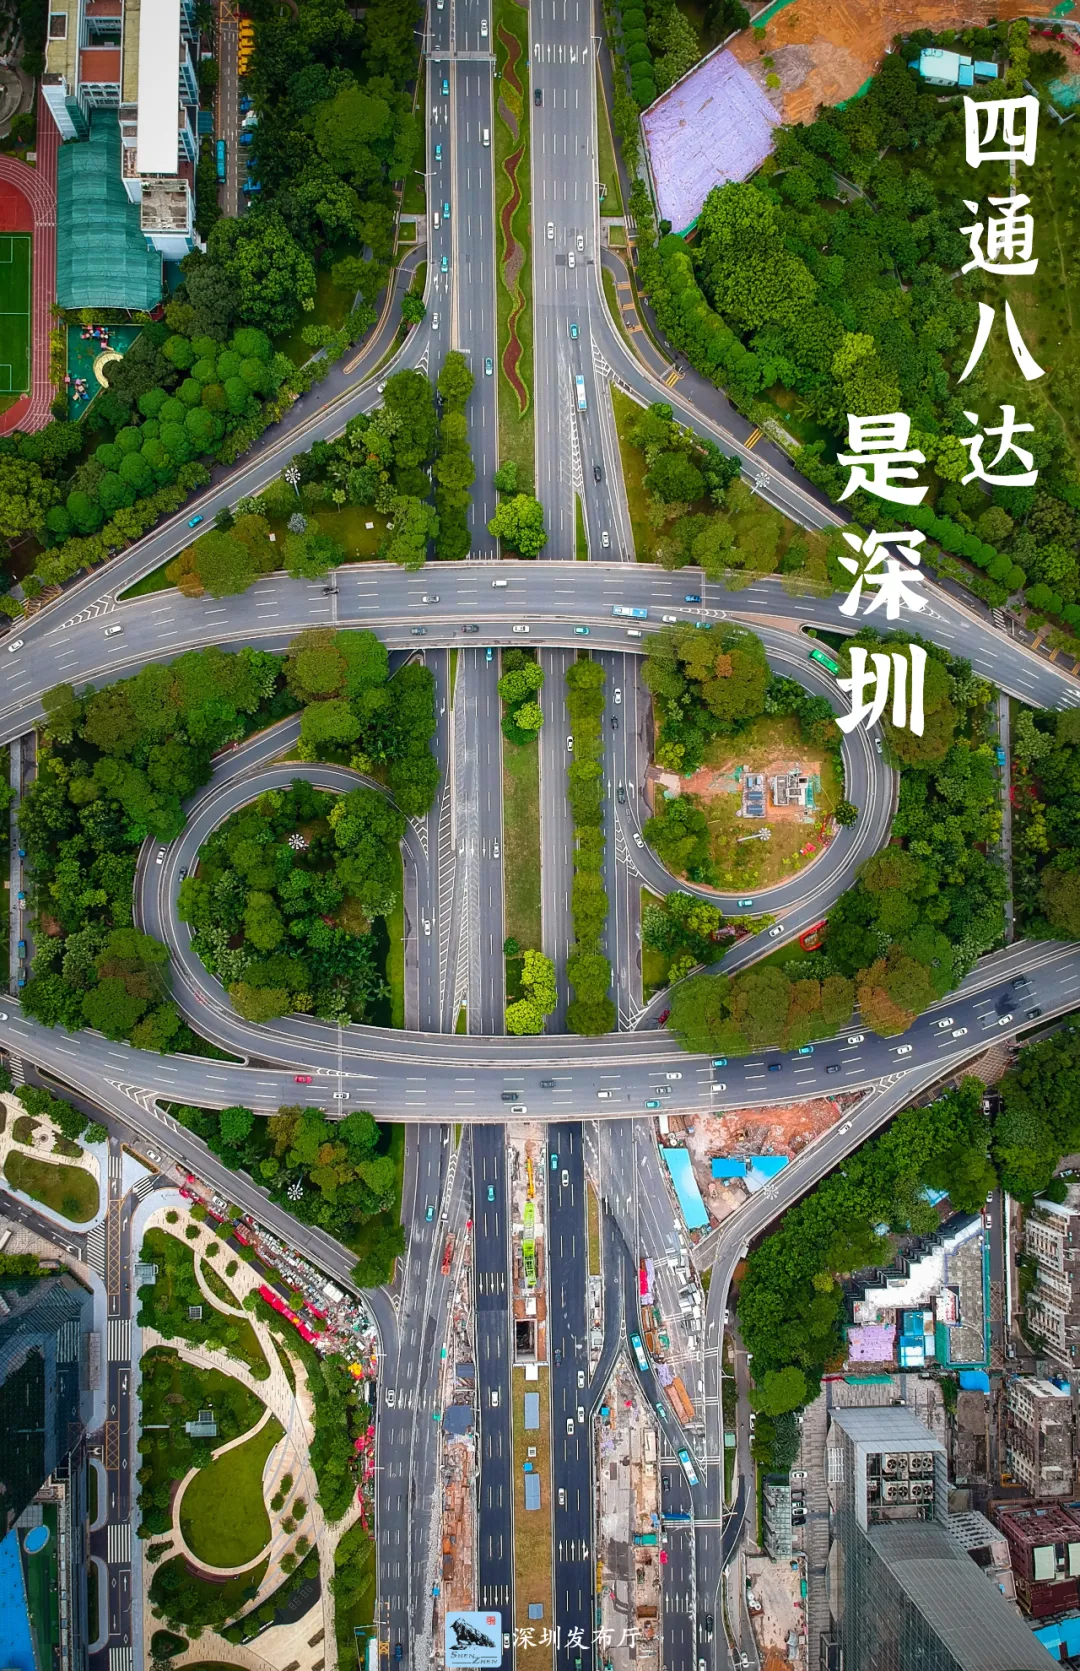 条条大路通深圳!交通区位优势对于深圳意味着什么?